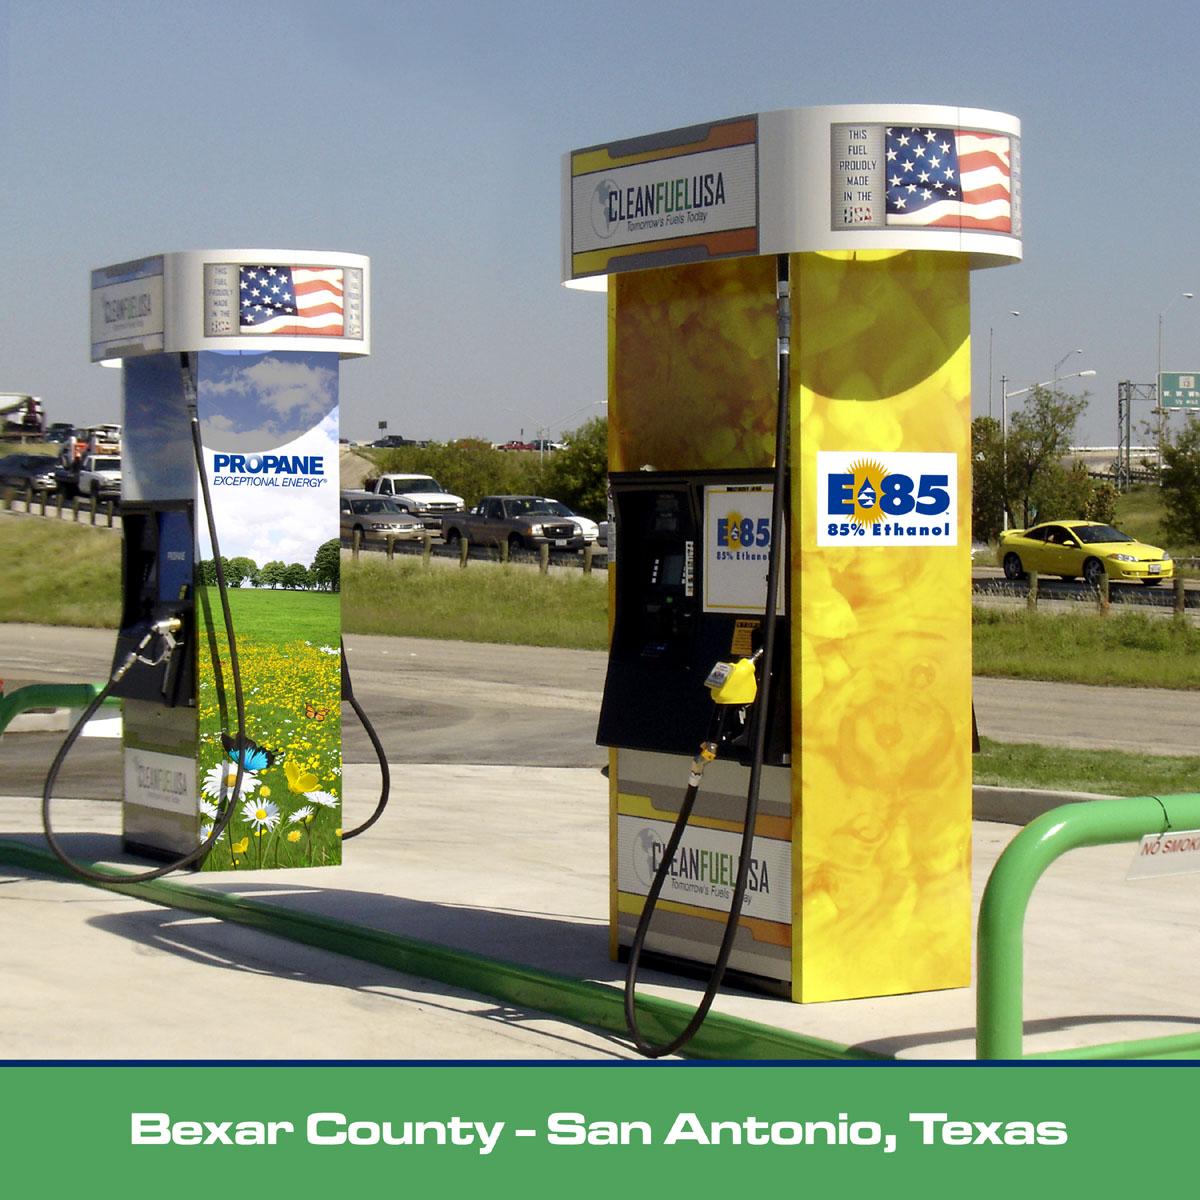 Bexar County, San Antonio